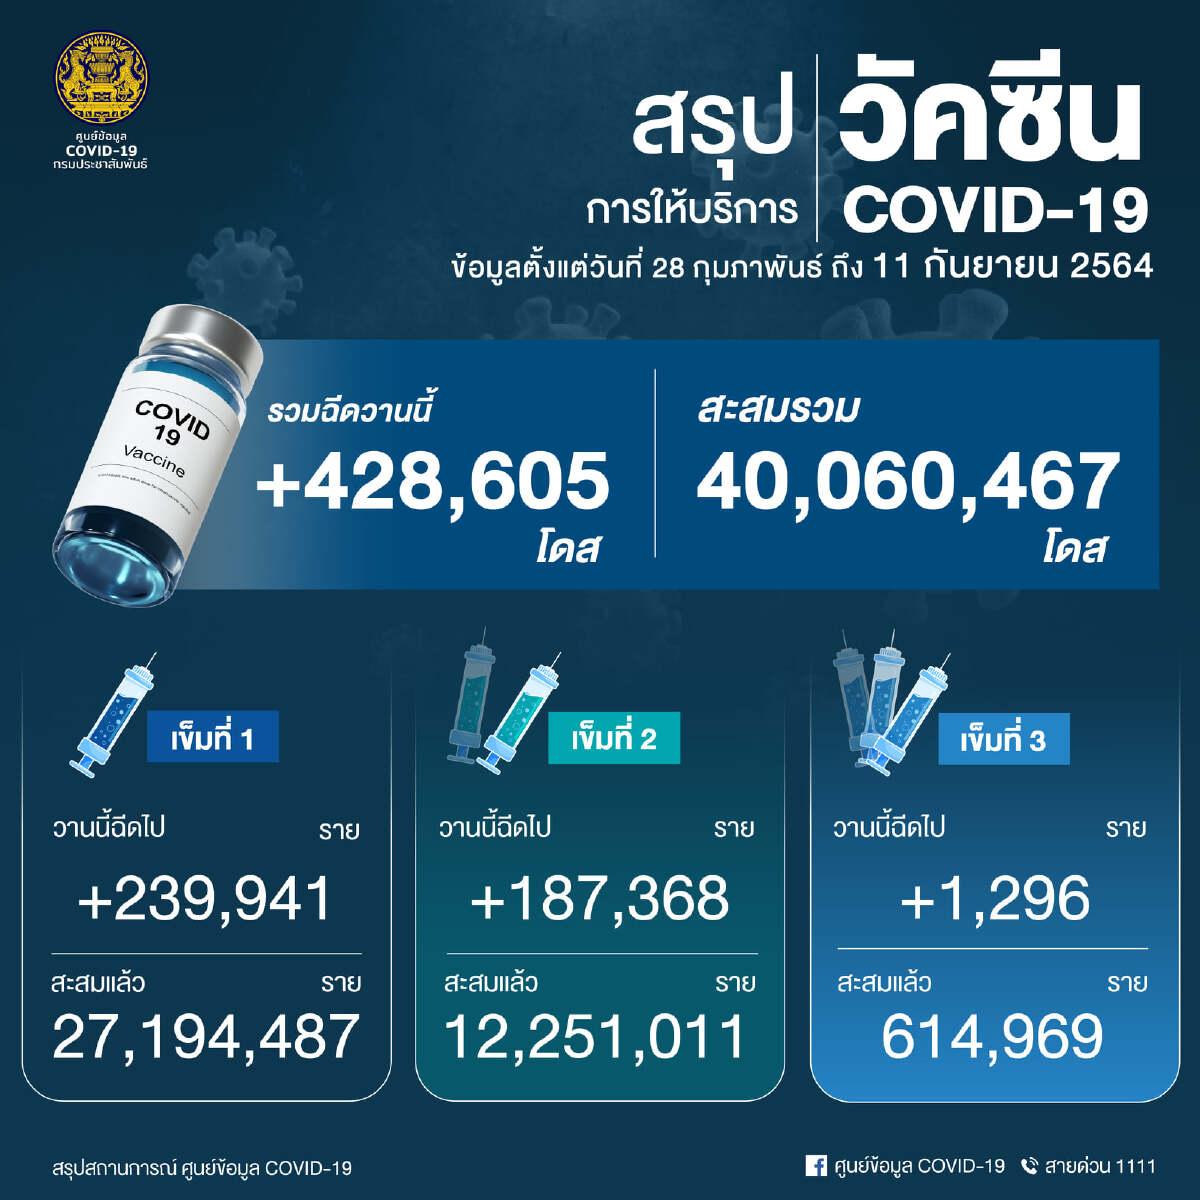 ด่วน! ยอด โควิด-19 วันนี้ พบติดเชื้อเพิ่ม 12,583 ราย เสียชีวิต 132 ราย